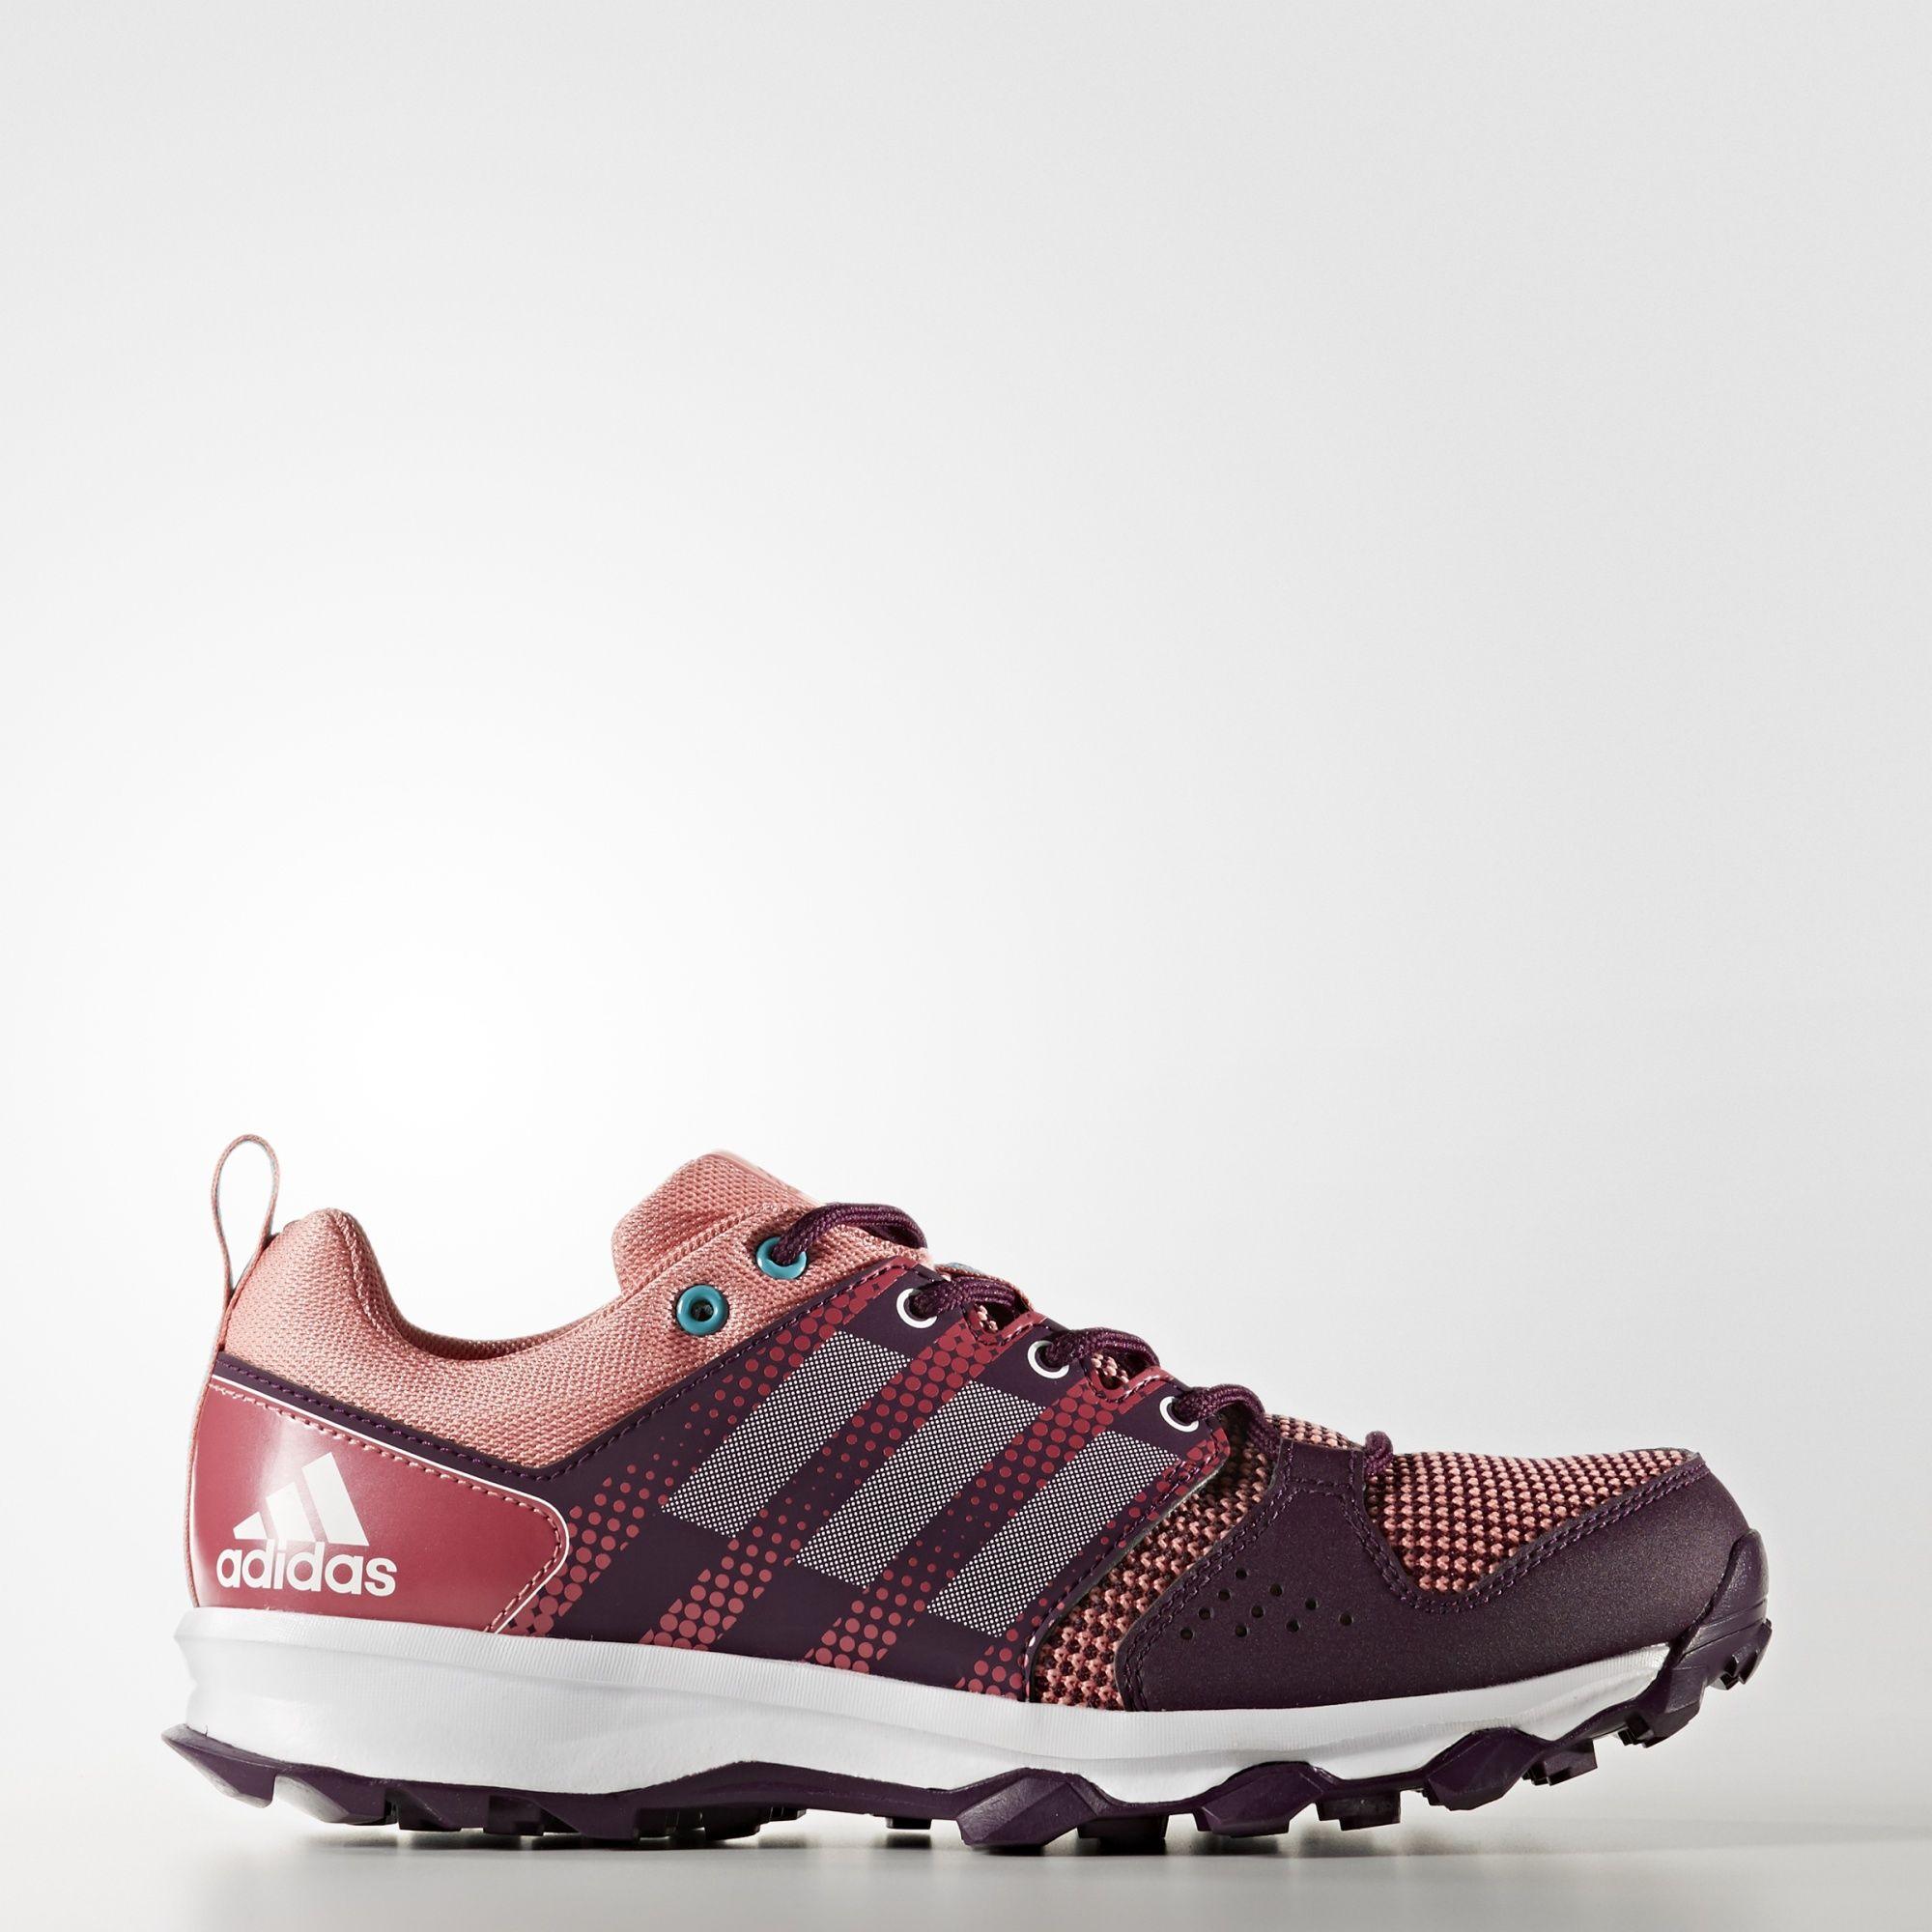 női női ADIDAS futó futó GALAXY TRAIL BB3489 cipő cipő Futó W rPwpIqP 28930cdbb9